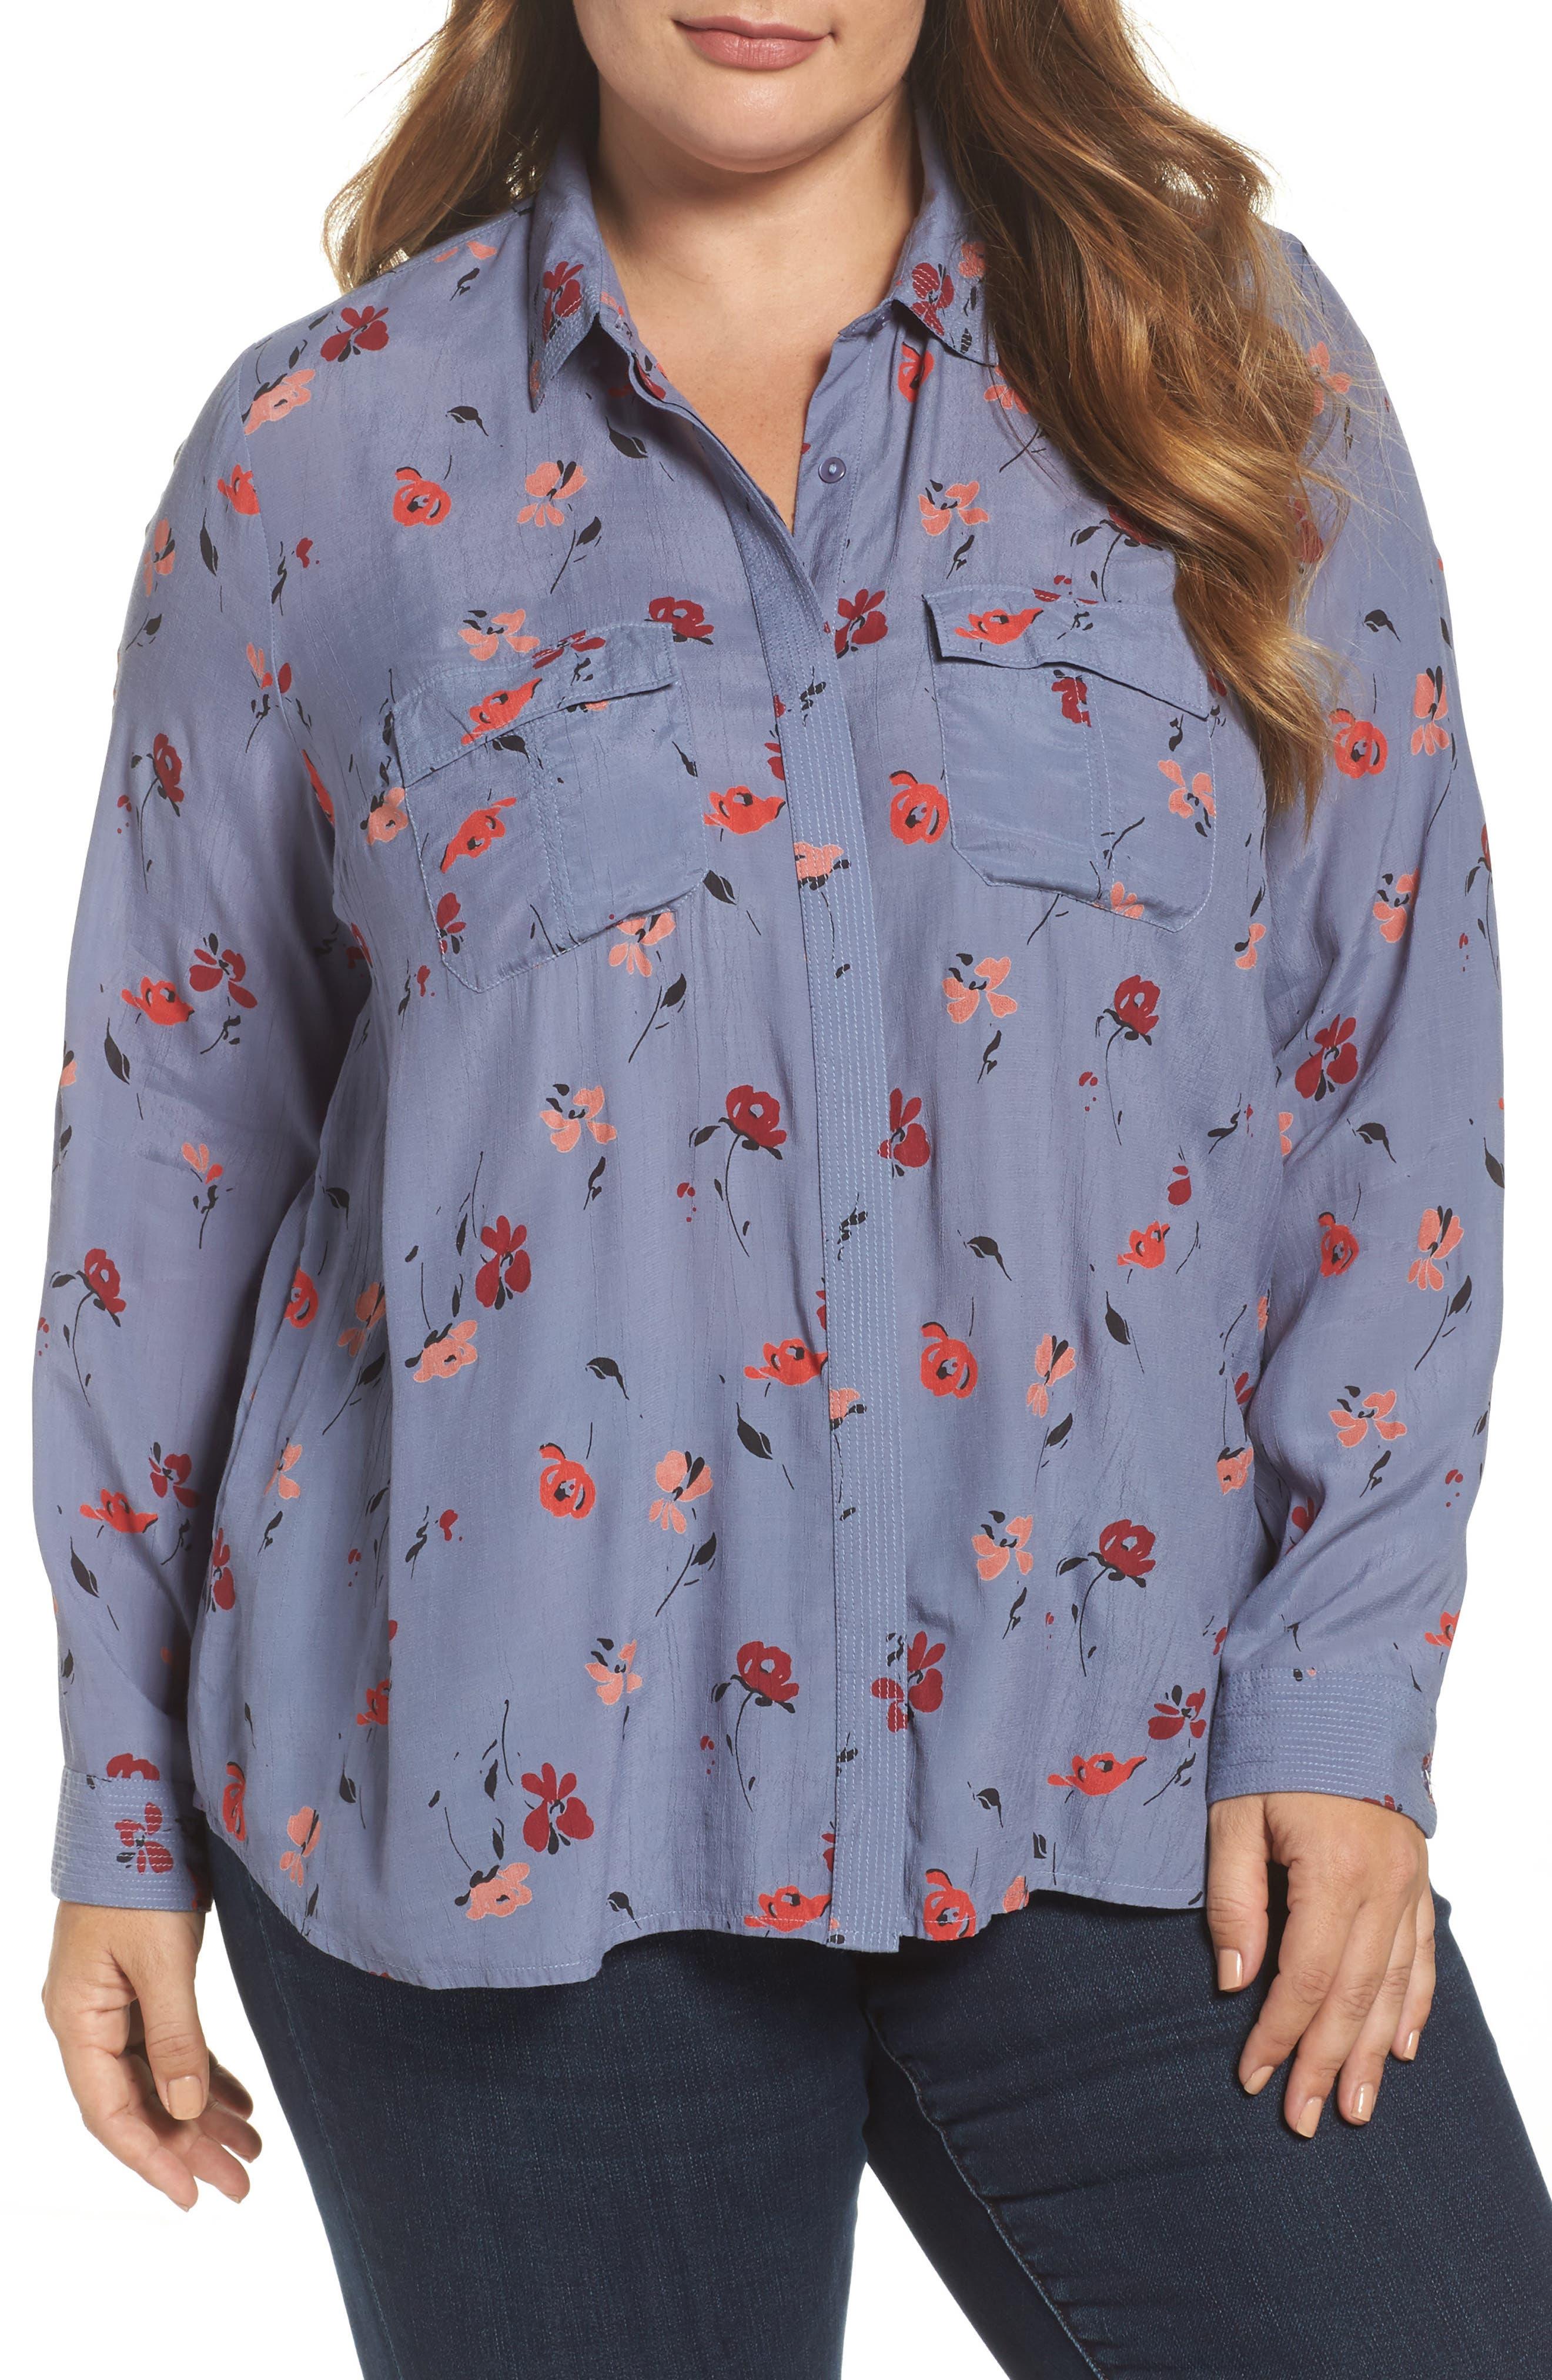 Floral Print Button Down Shirt,                         Main,                         color, 020